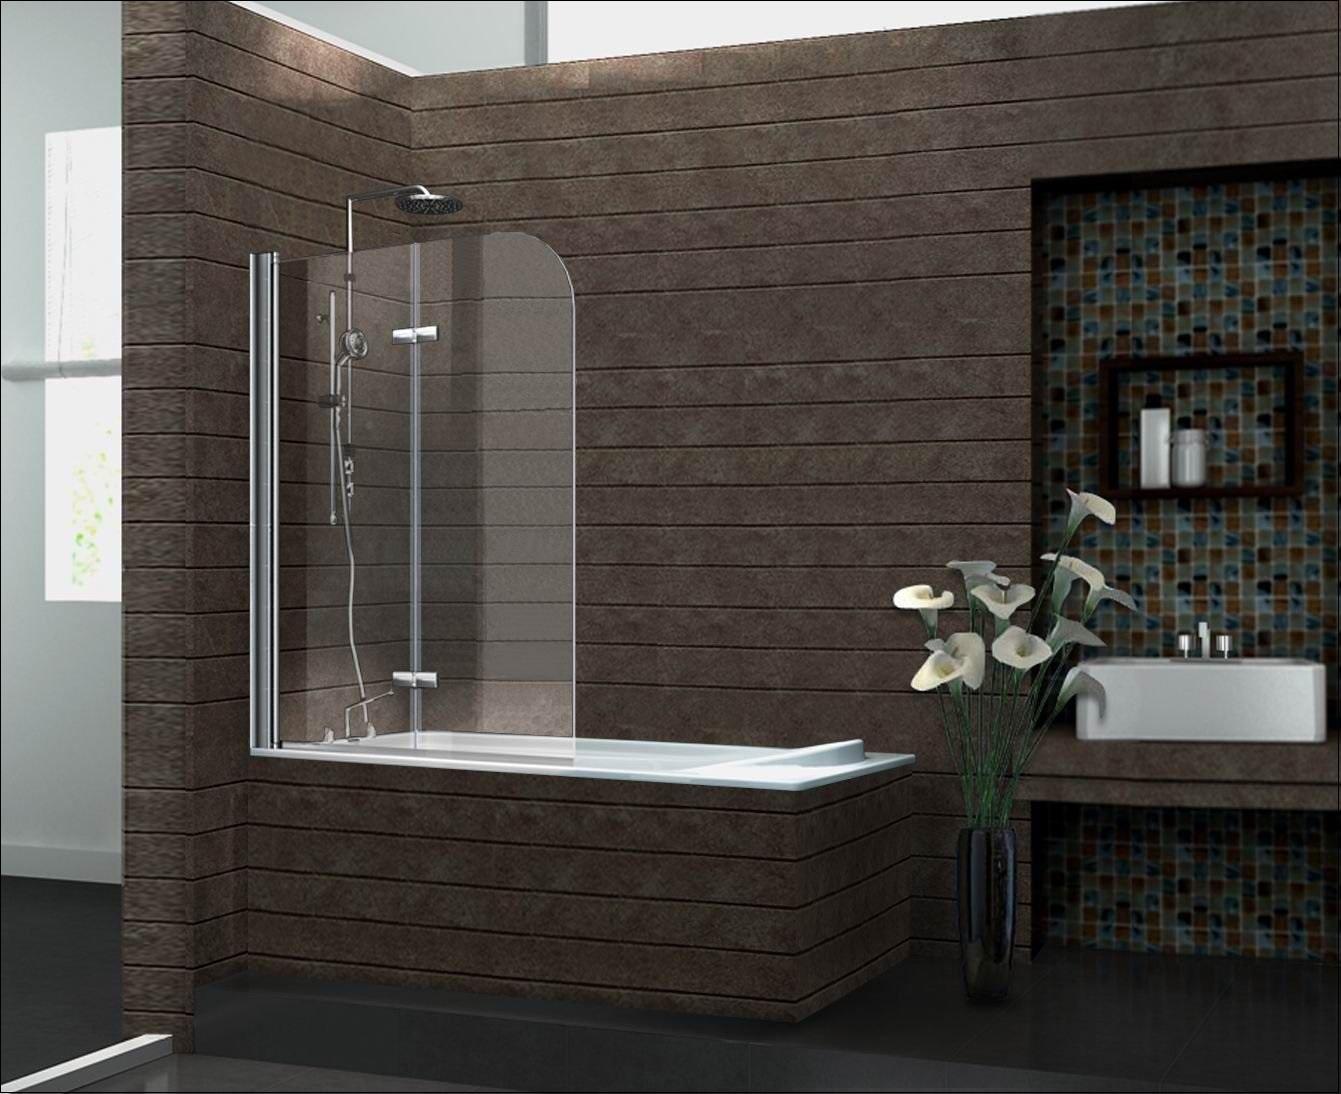 Full Size of Glaswand Dusche Badewanne Mit Test Testsieger Bluetooth Lautsprecher Anal Grohe Glastrennwand Bodengleiche Einbauen Koralle Schulte Duschen Werksverkauf Dusche Glaswand Dusche